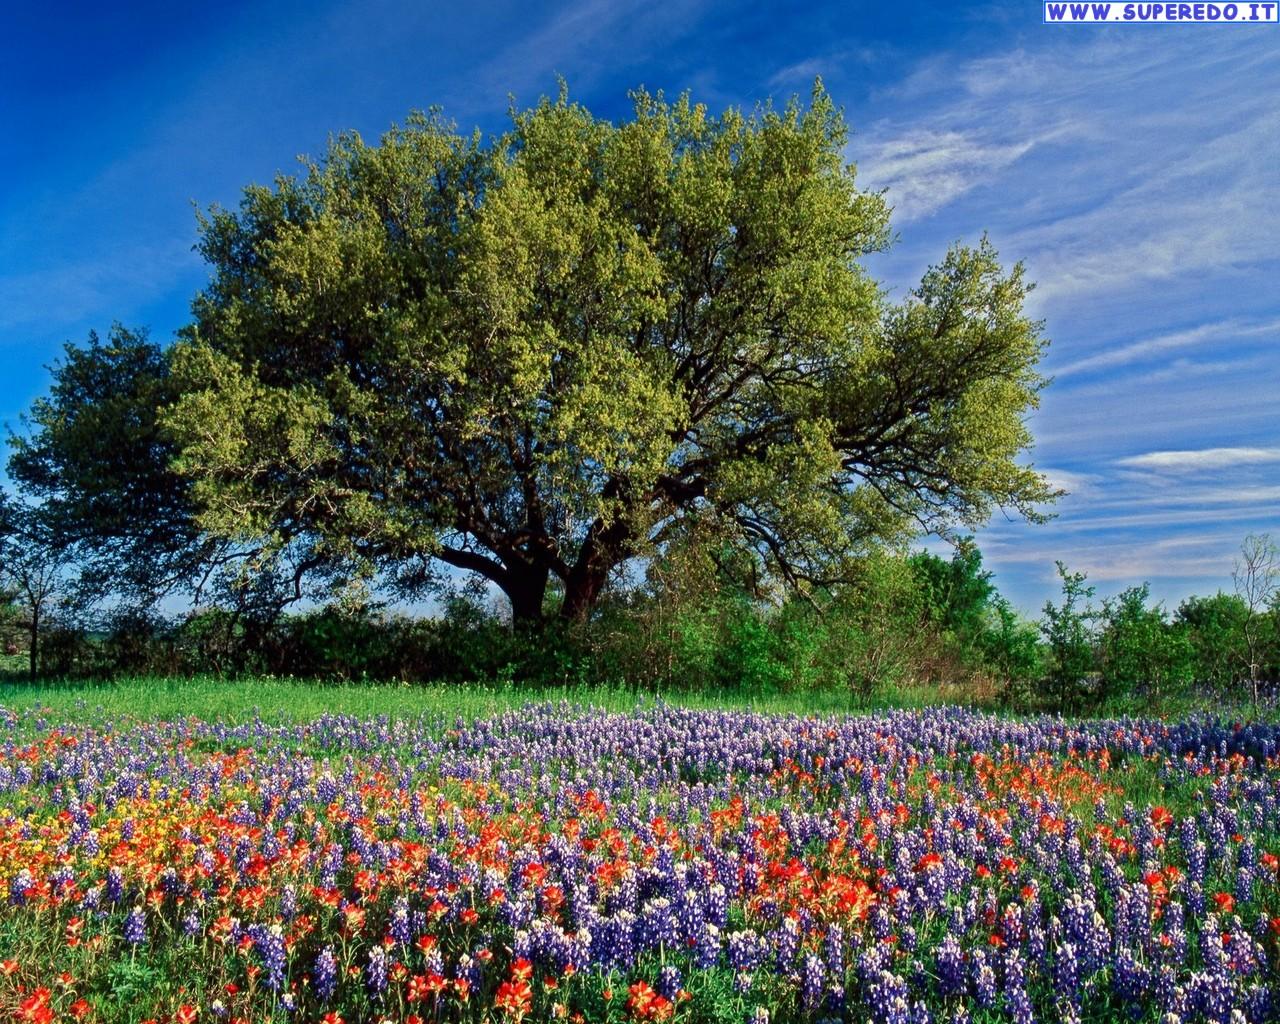 Immagini Alberi 67 Immagini in alta definizione HD 1280x1024